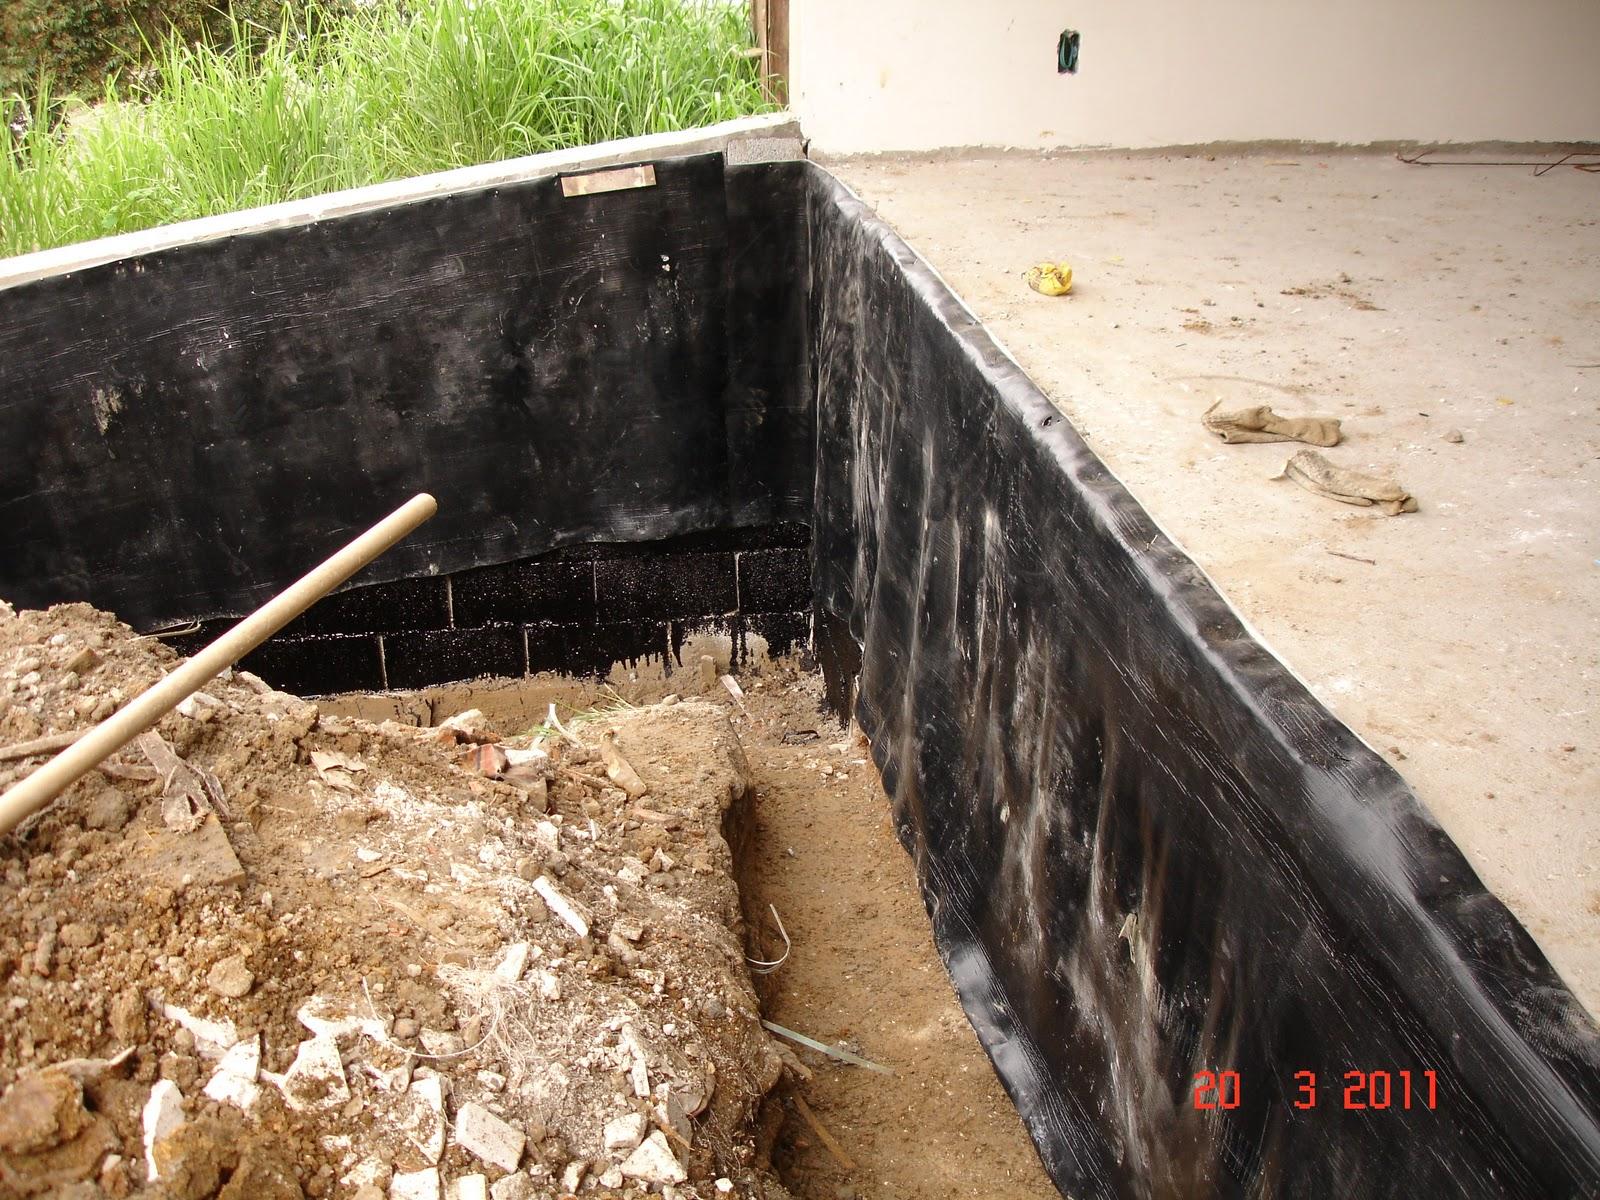 Nossa Casa no Site Construção da fundação ao acabamento: Março  #7B9338 1600 1200